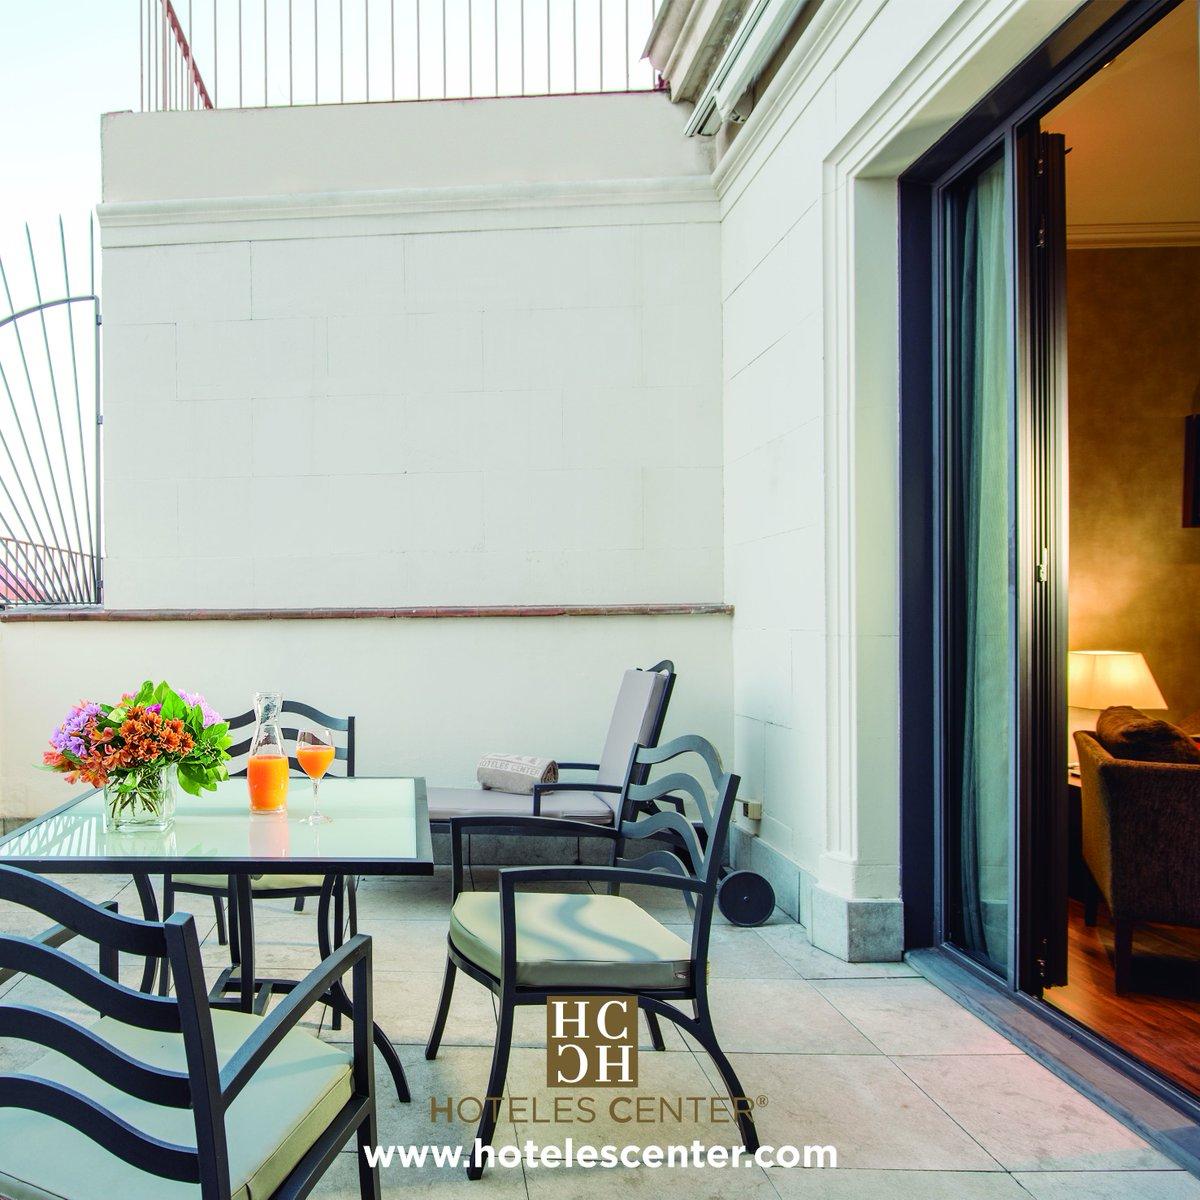 Hoteles Center On Twitter Habitaciones Con Terraza En El